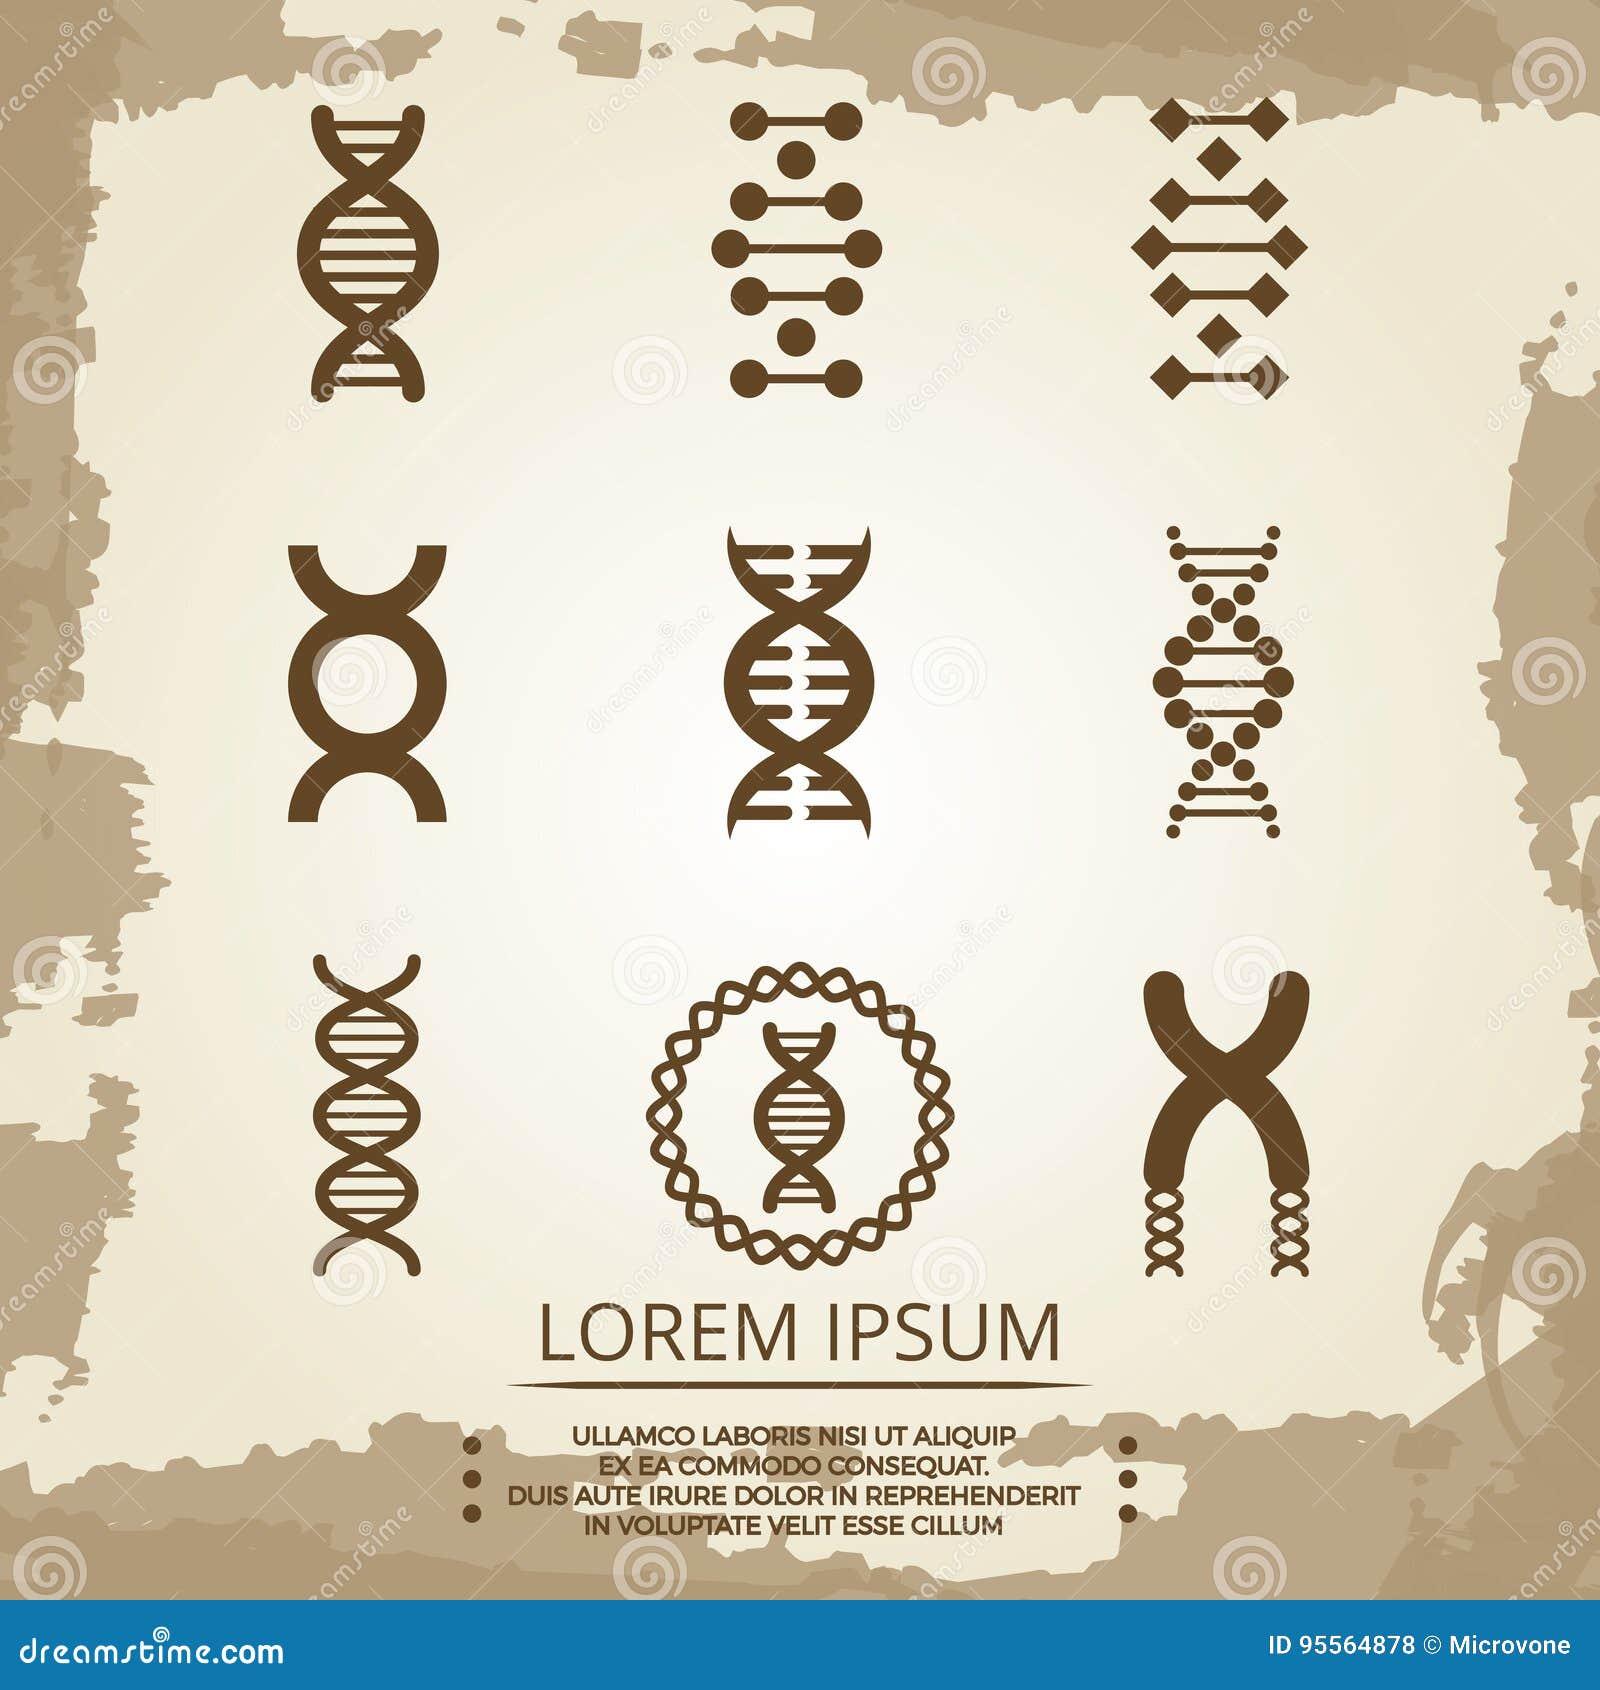 Icone di vettore del DNA - il manifesto d annata di biologia con DNA si sviluppa a spirale